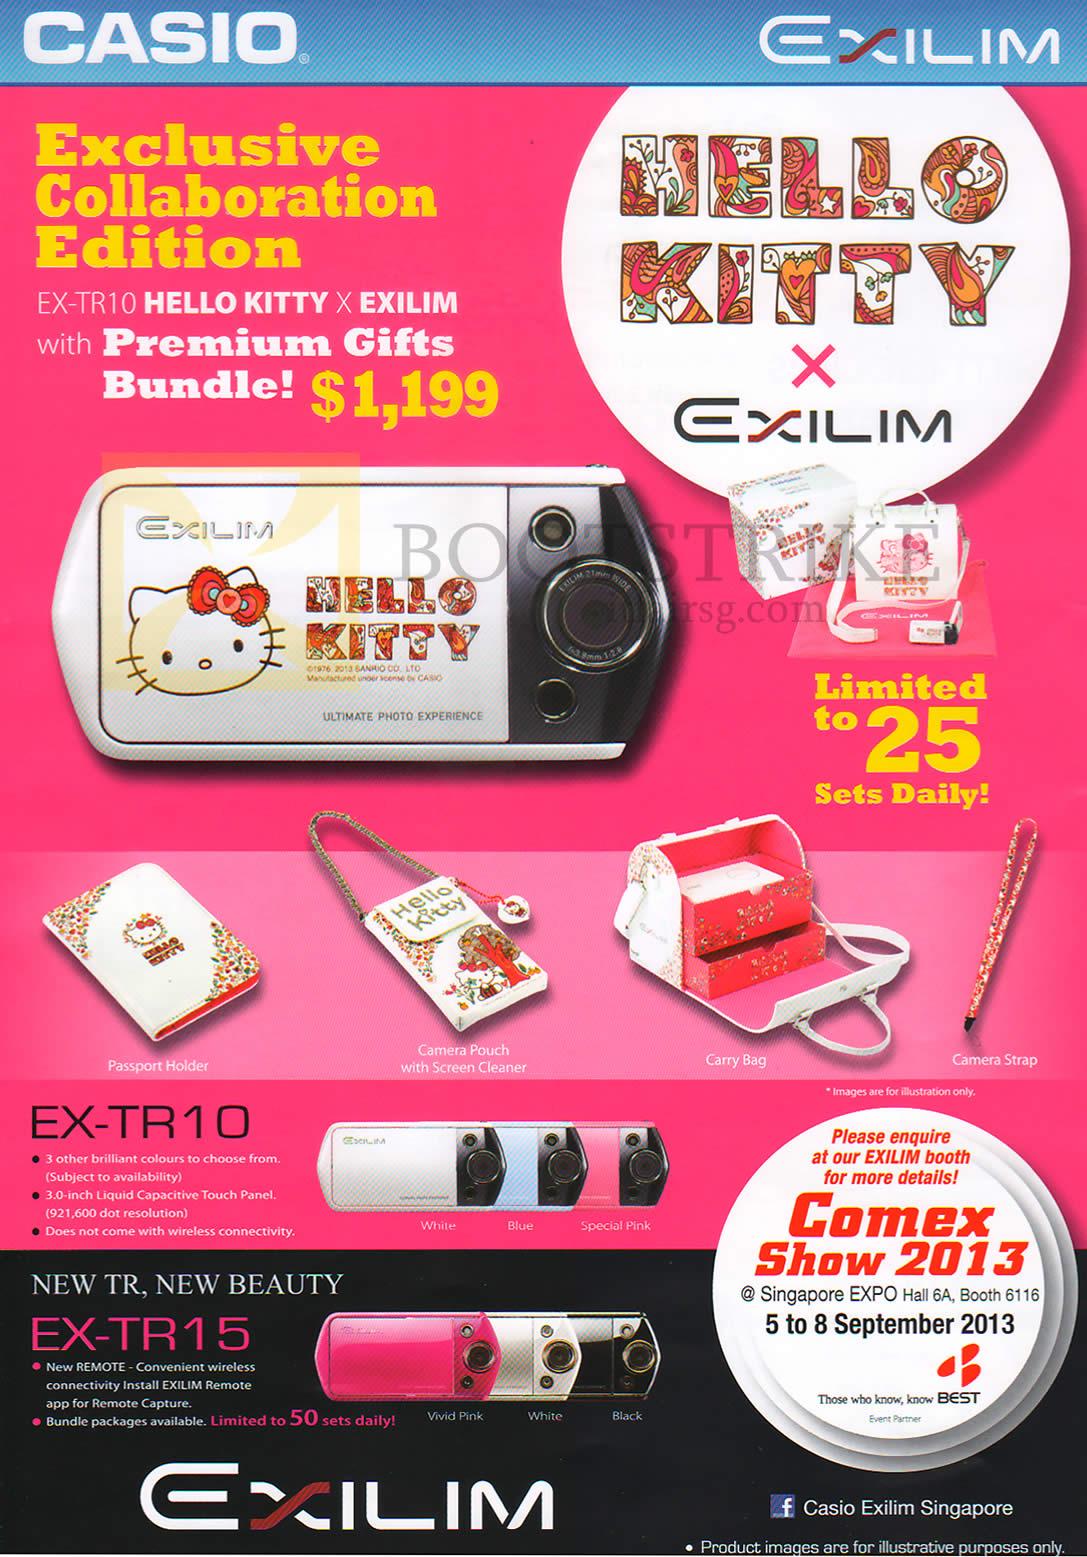 7d0f07920fd5 Casio Digital Cameras Exilim EX-TR10 Hello Kitty X Exilim Limited ...